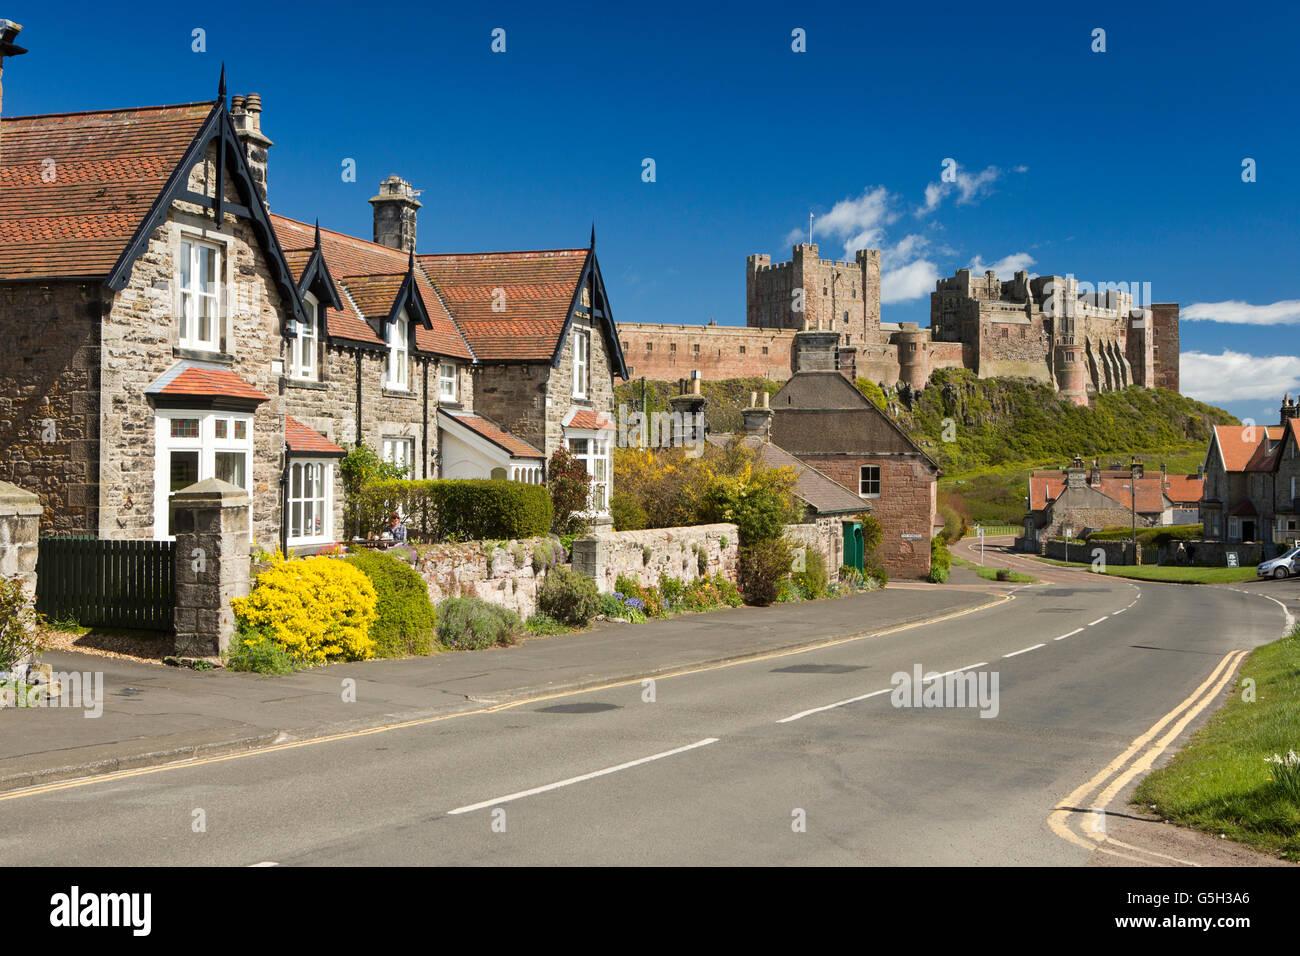 UK, England Northumberland, Bamburgh, Dorfhäuser Anwesen in der Church Street mit Burg über Stockbild